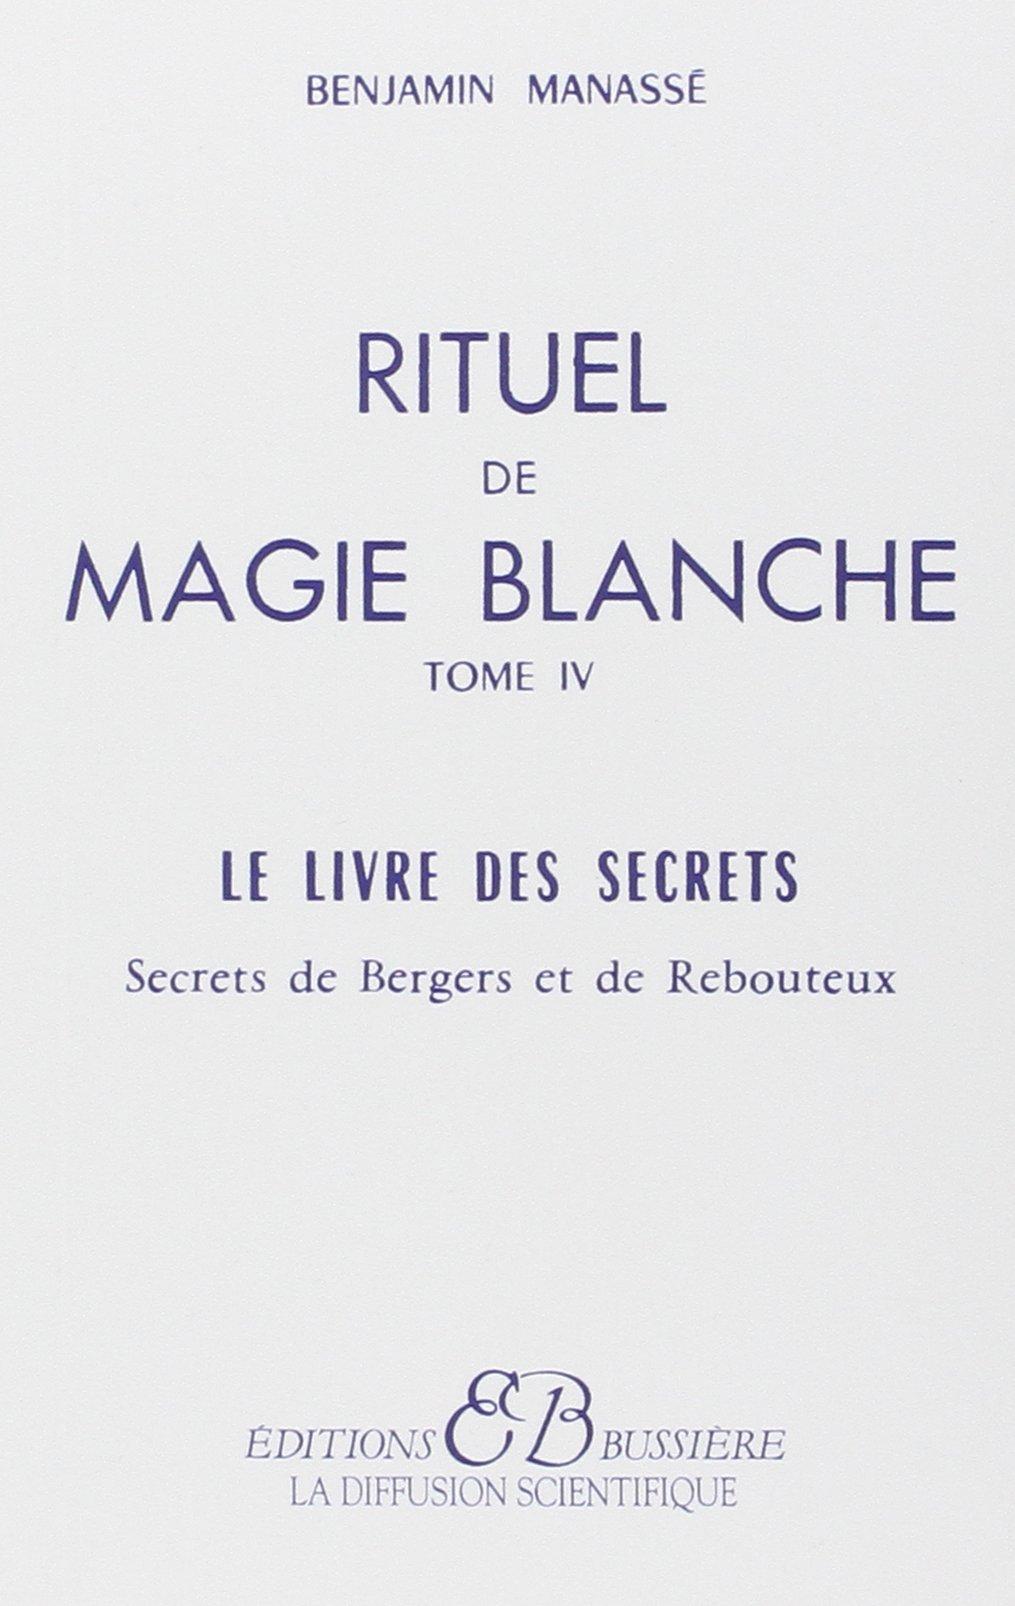 Rituel de magie blanche, tome 4 : Le livre des secrets (Diffusion Scien)